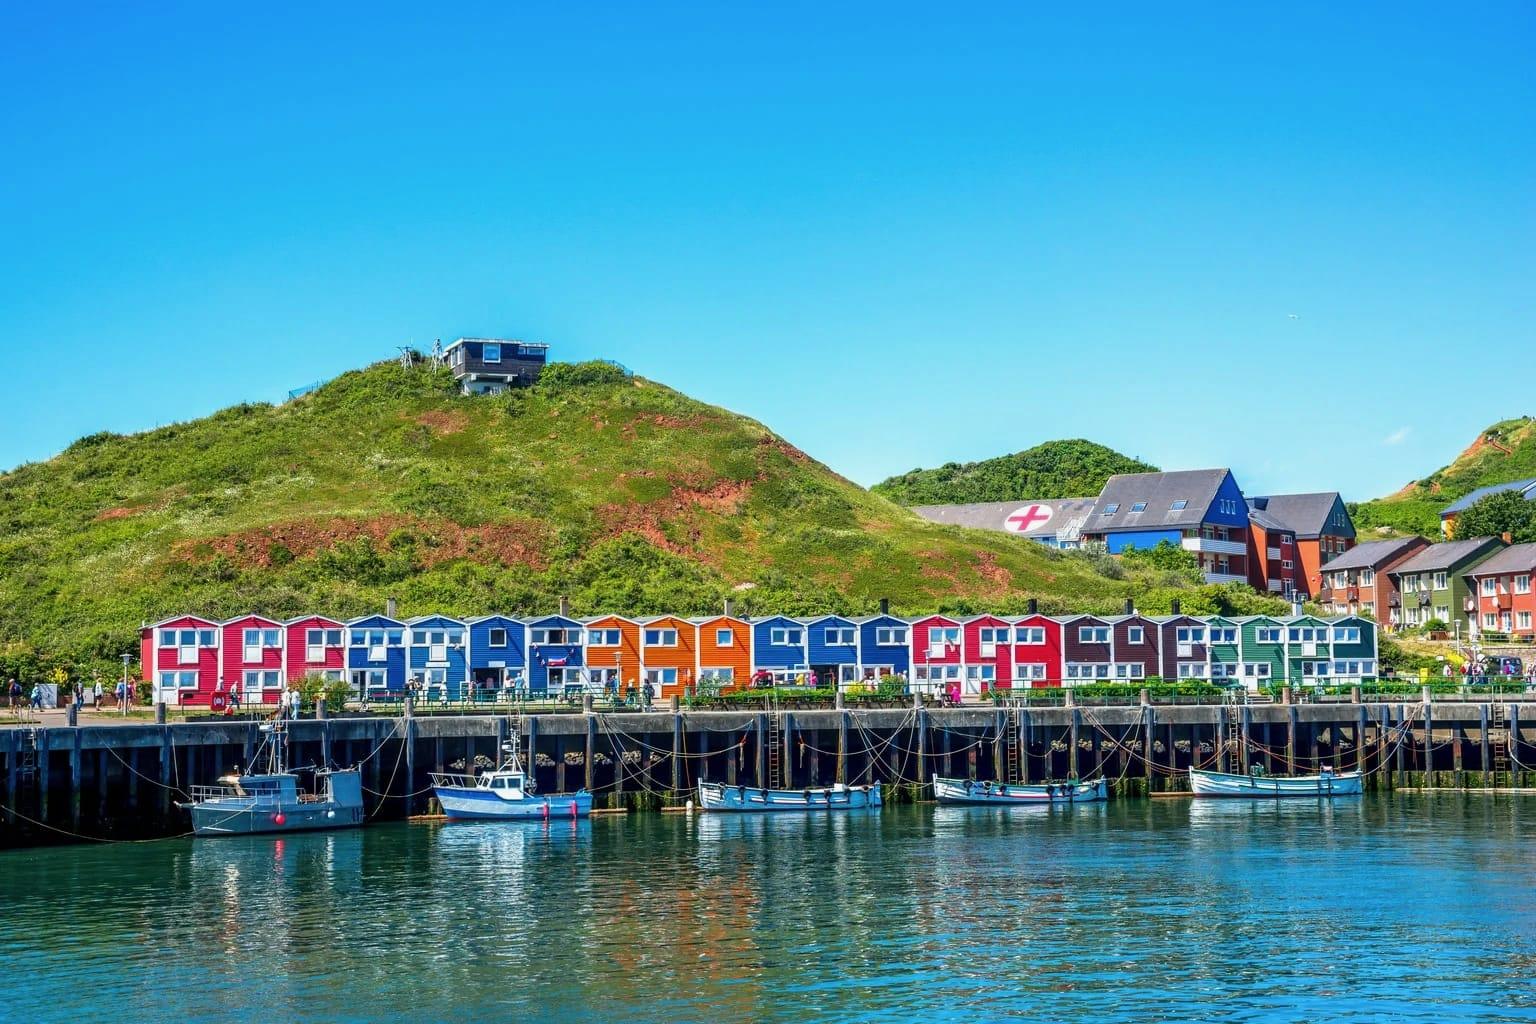 Het eiland Helgoland in de Noordzee met gekleurde vissershuisjes, rotsen en boten